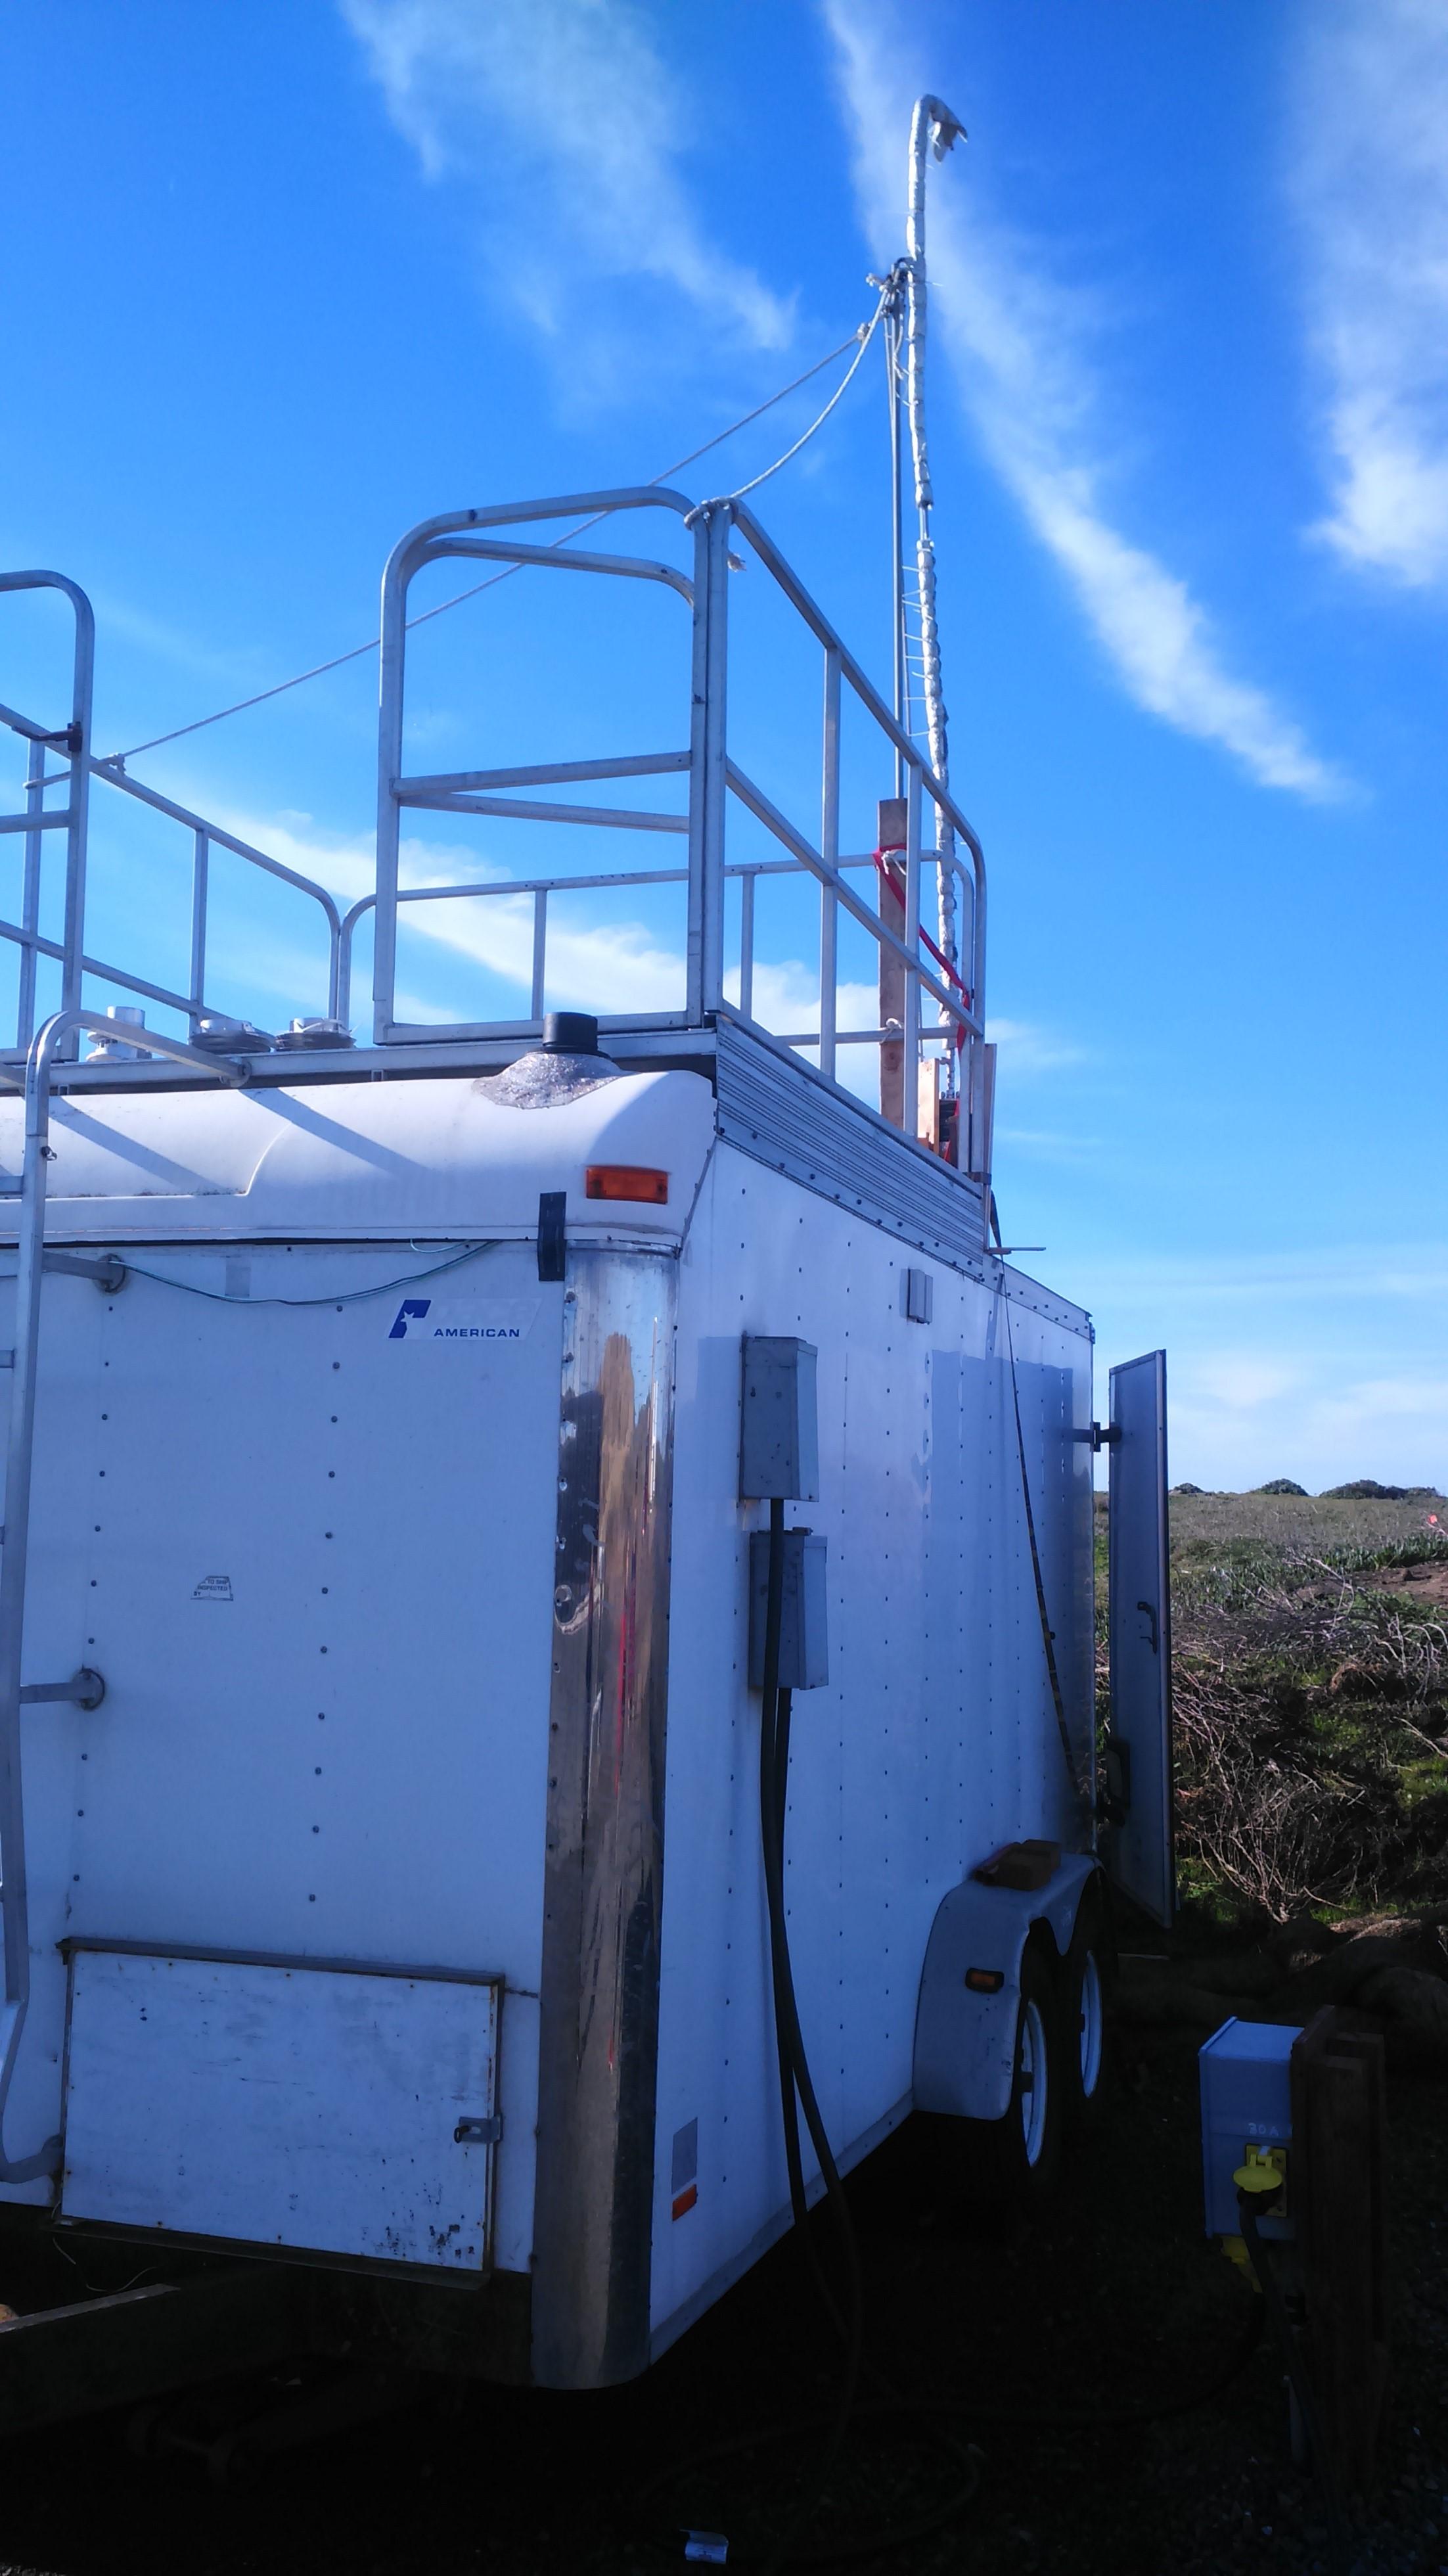 Bodega Marine LaboratoryDSC_0009_6